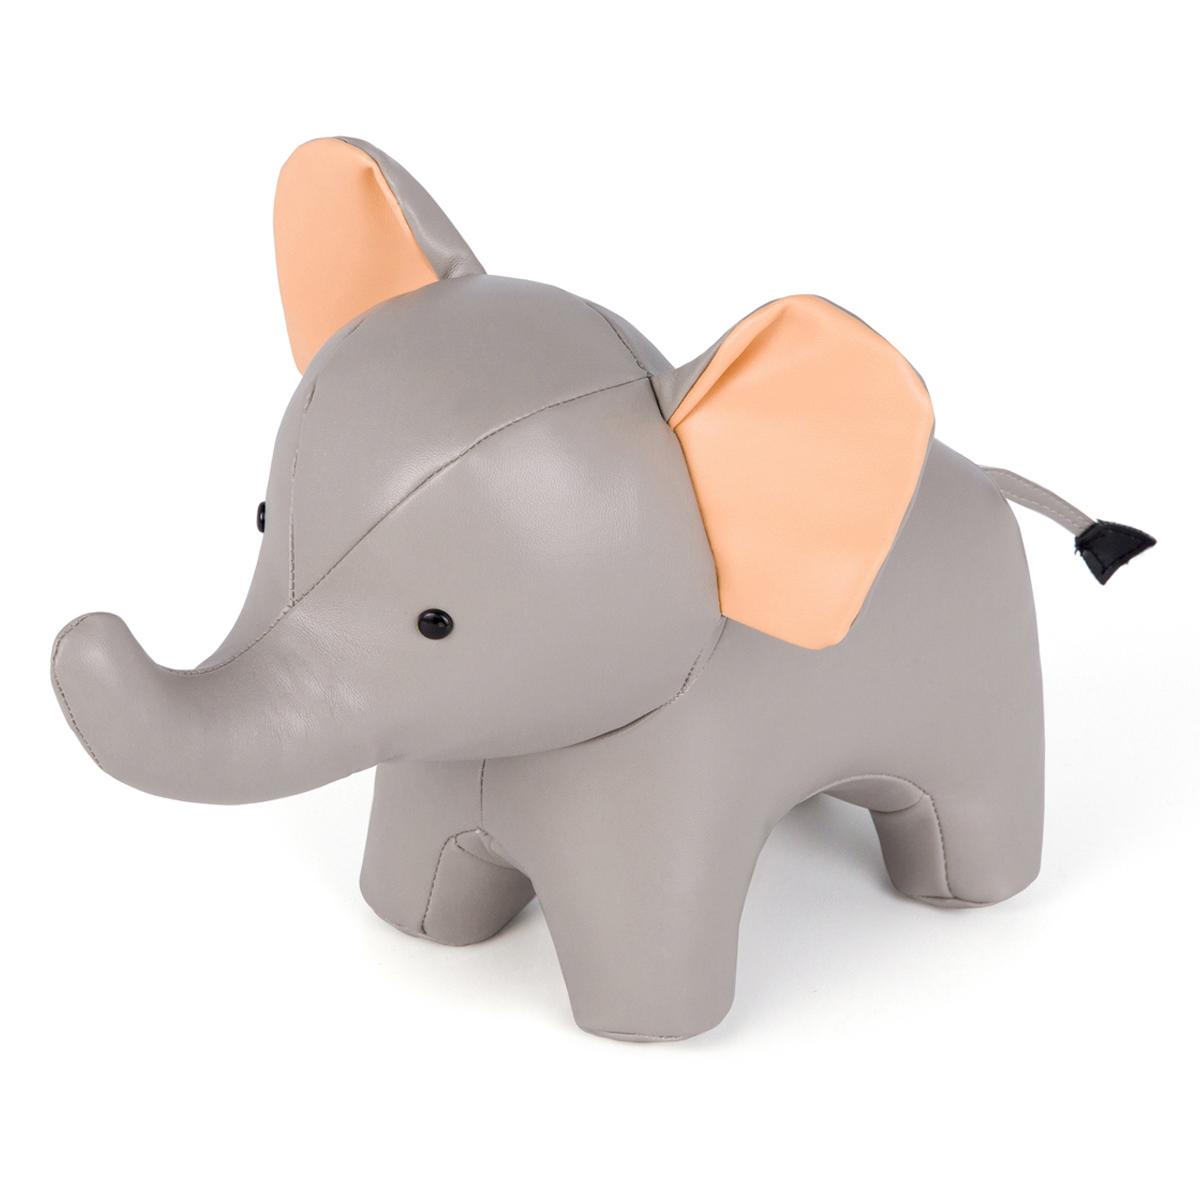 Peluche Vincent l'Eléphant - Les Animaux Musicaux Peluche Eléphant 21 cm